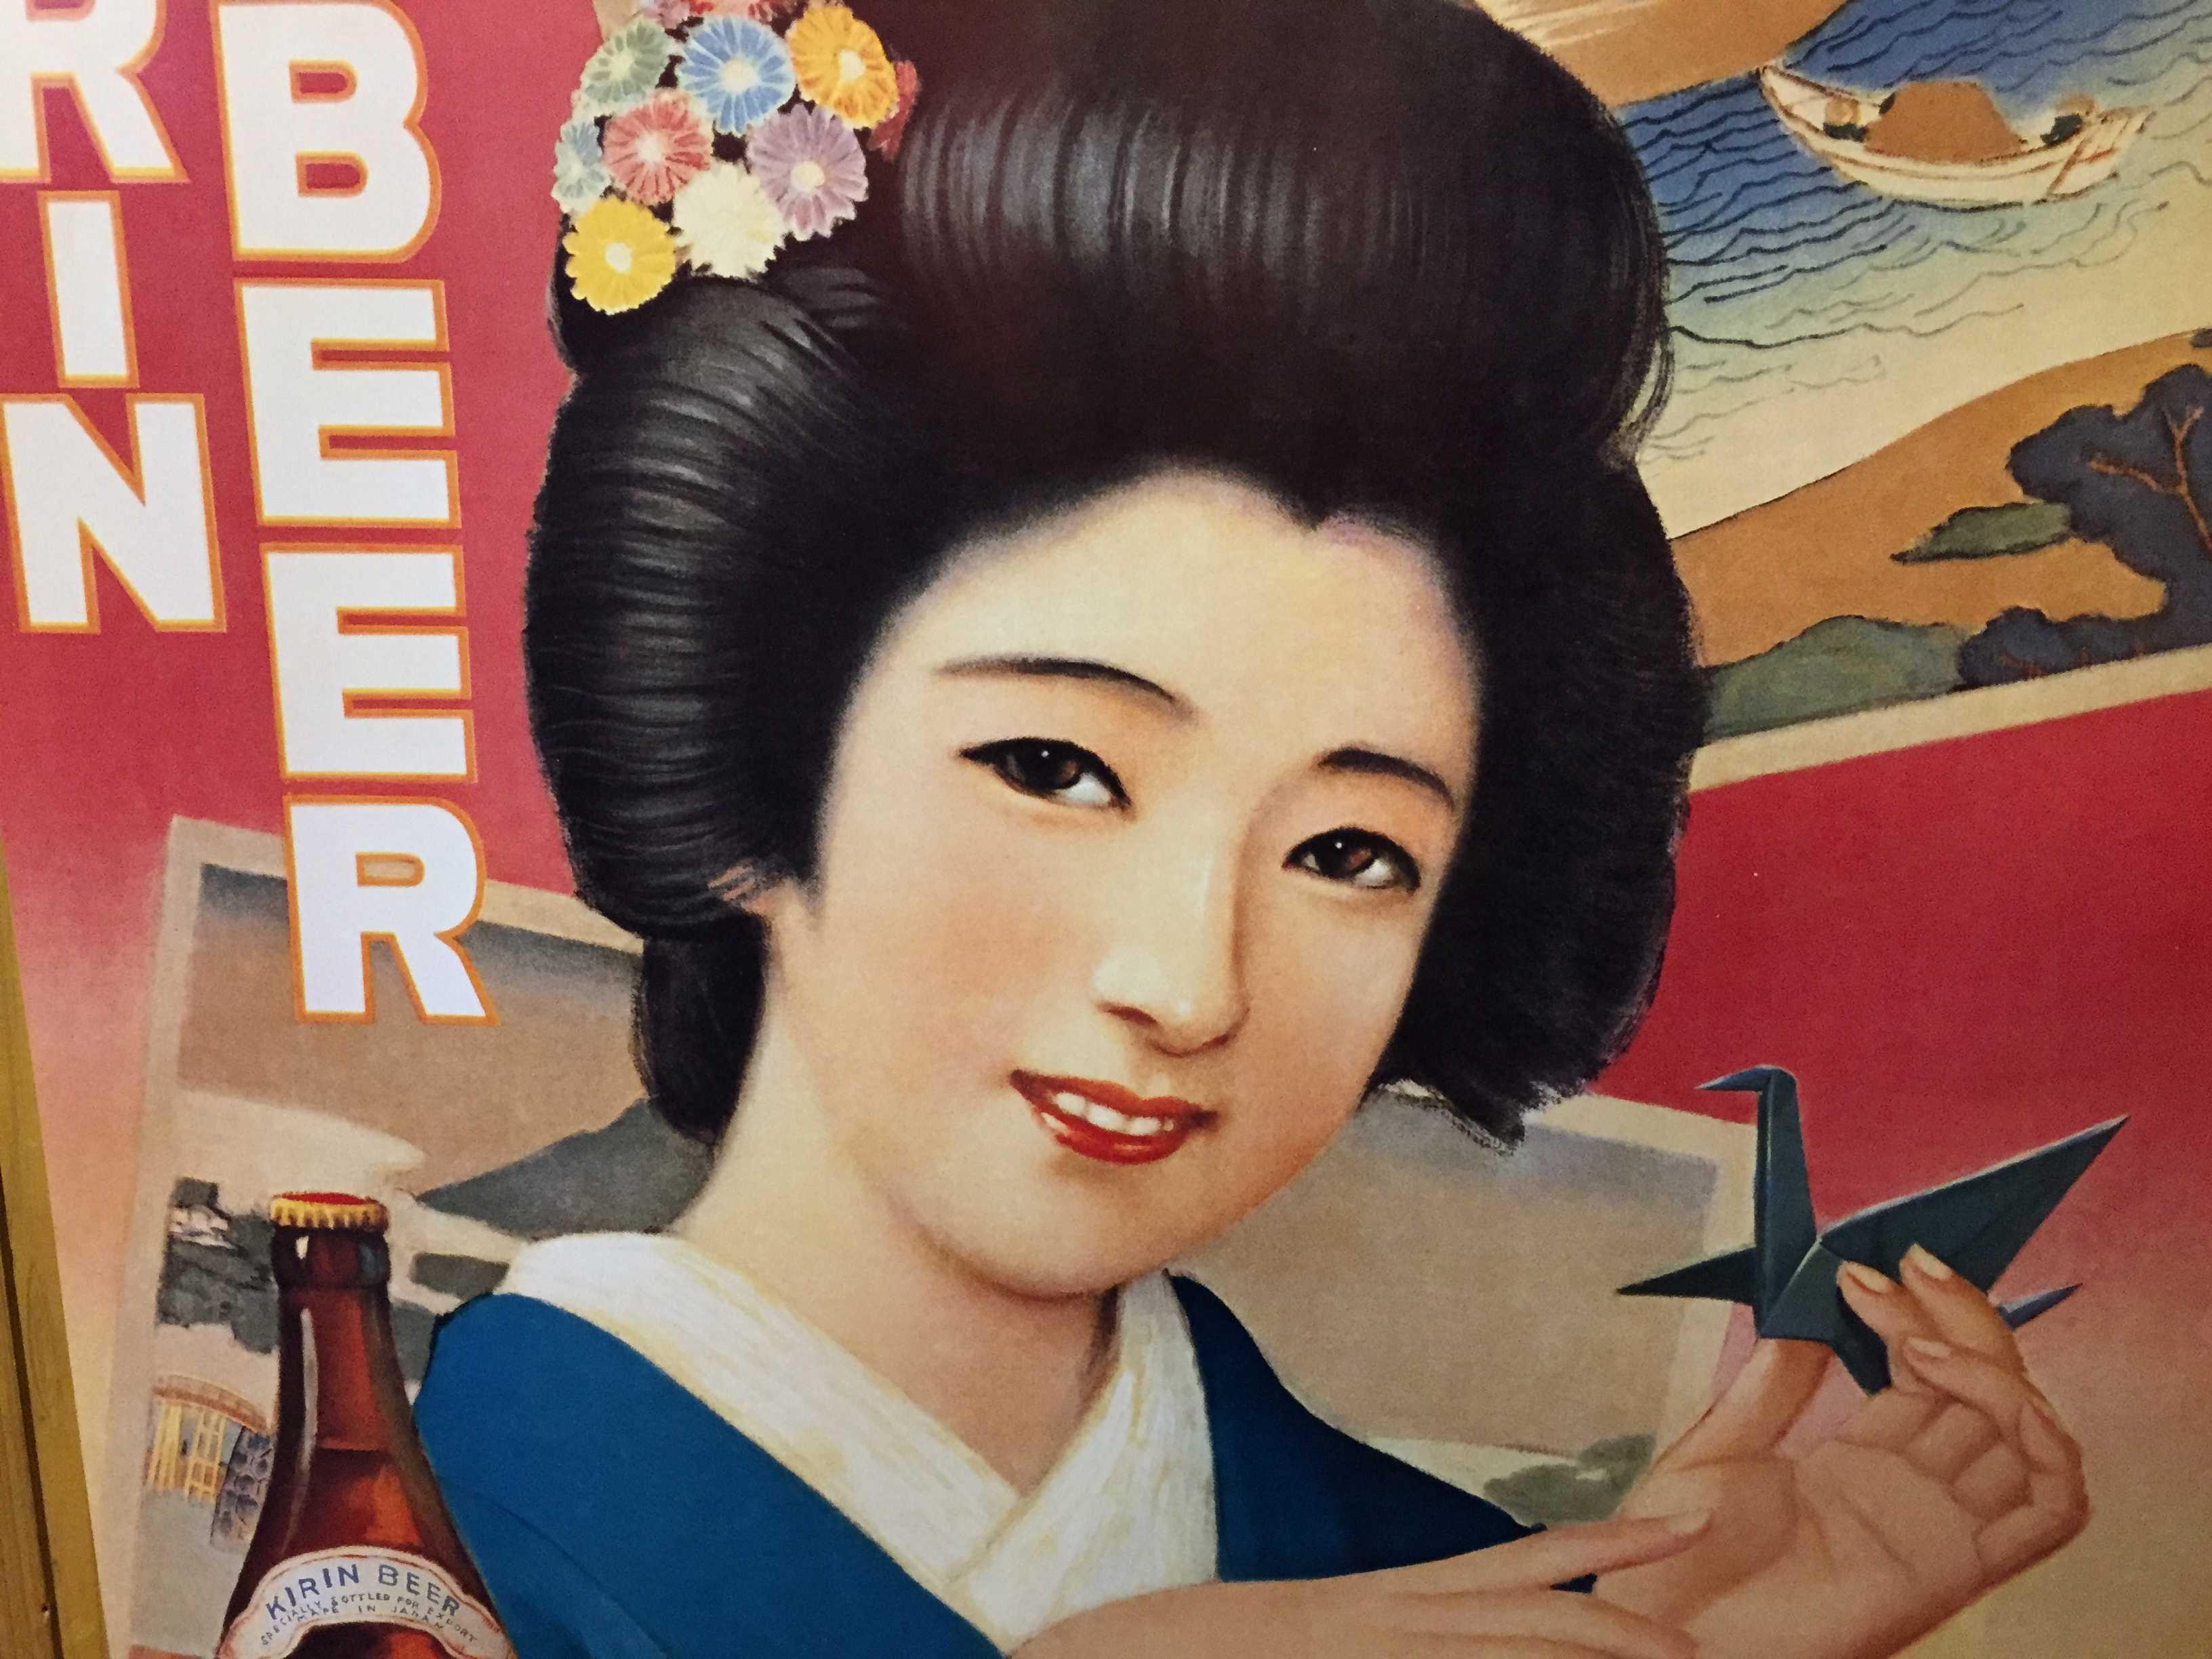 高島田の女性: キリンビールの昔のポスター(昭和14年)